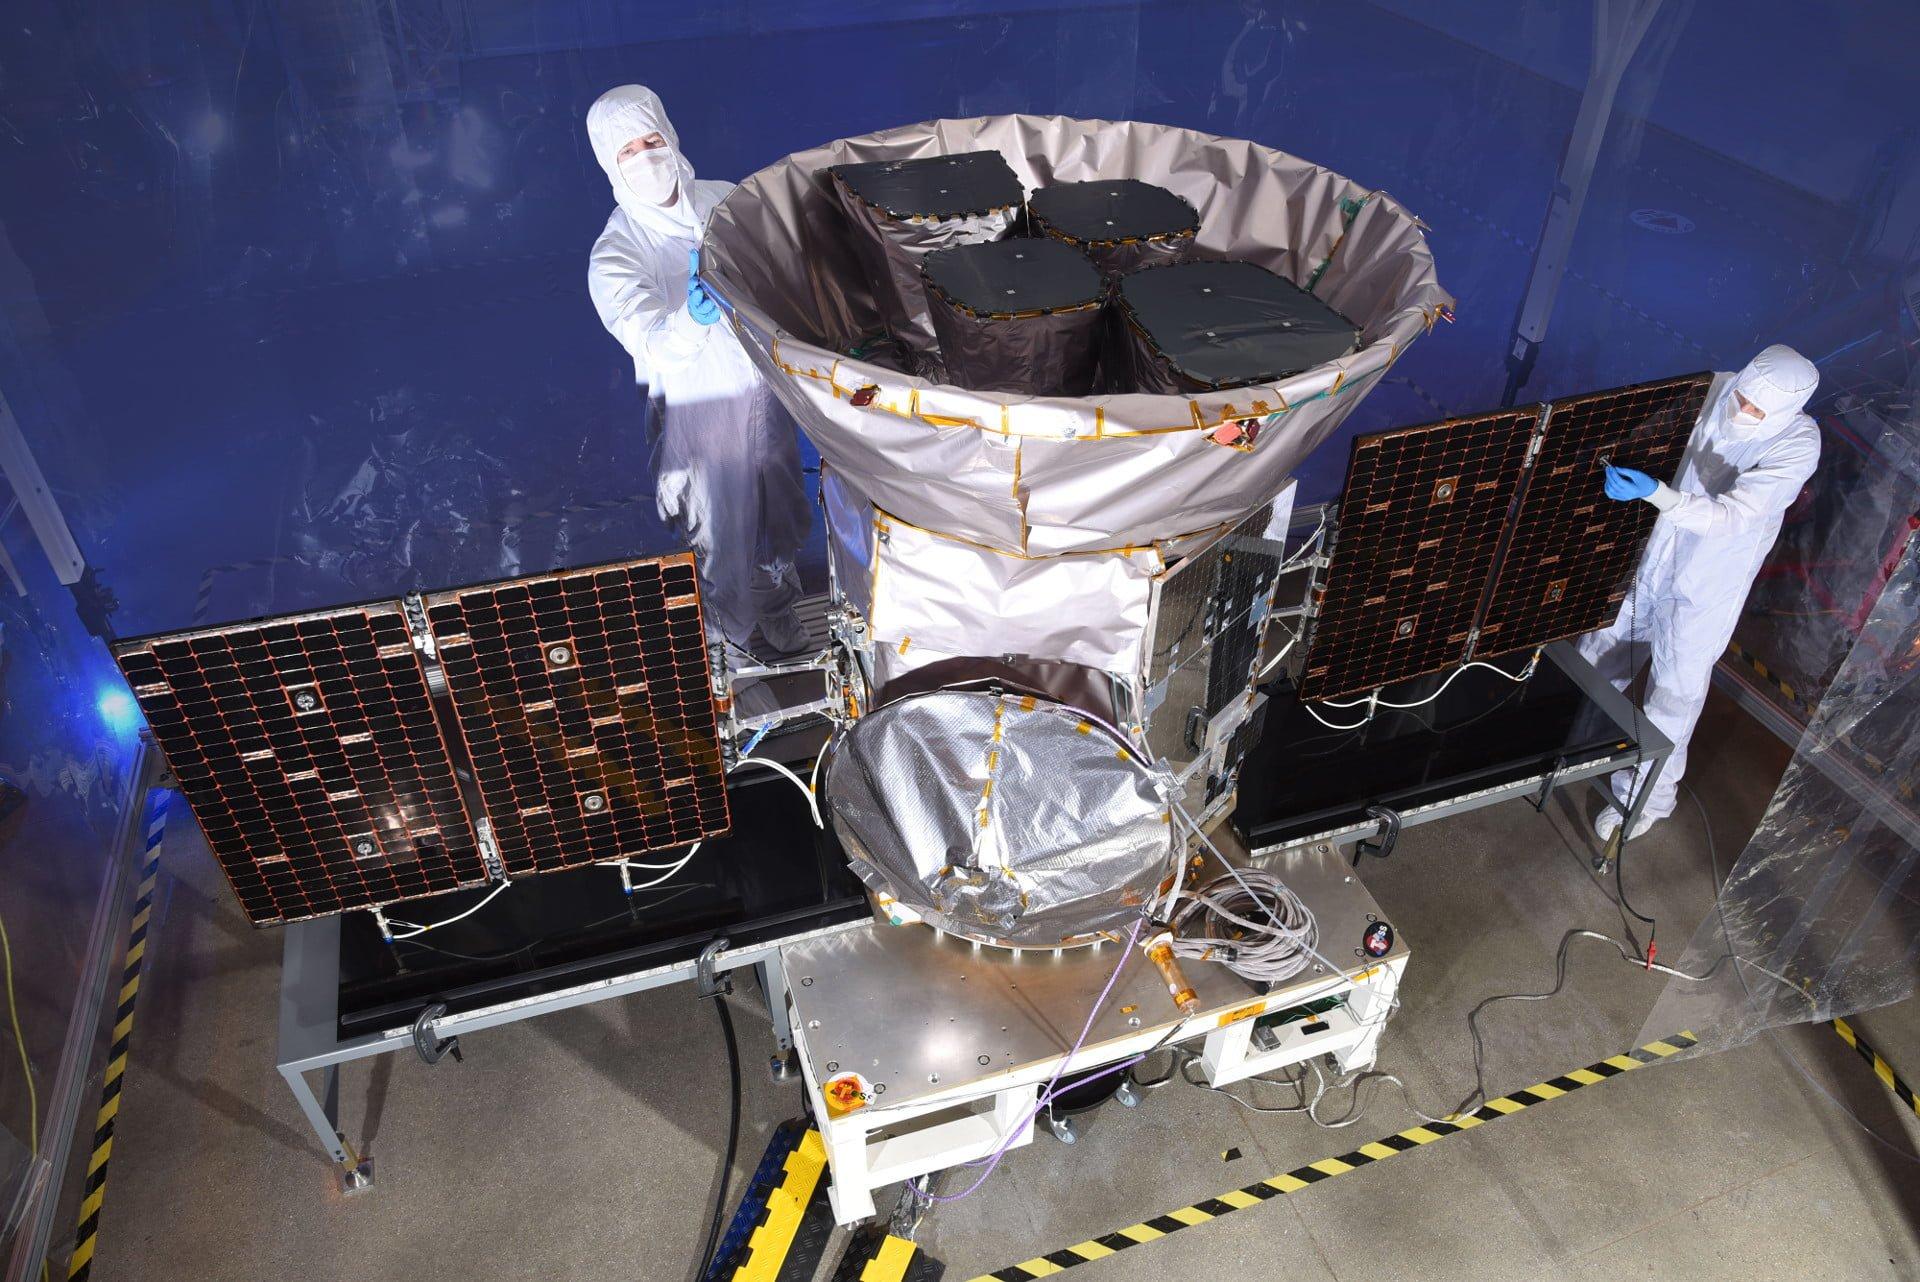 Tabletowo.pl MiniNauka #13: TESS, czyli nowa era odkrywania egzoplanet Ciekawostki Cykle Felietony